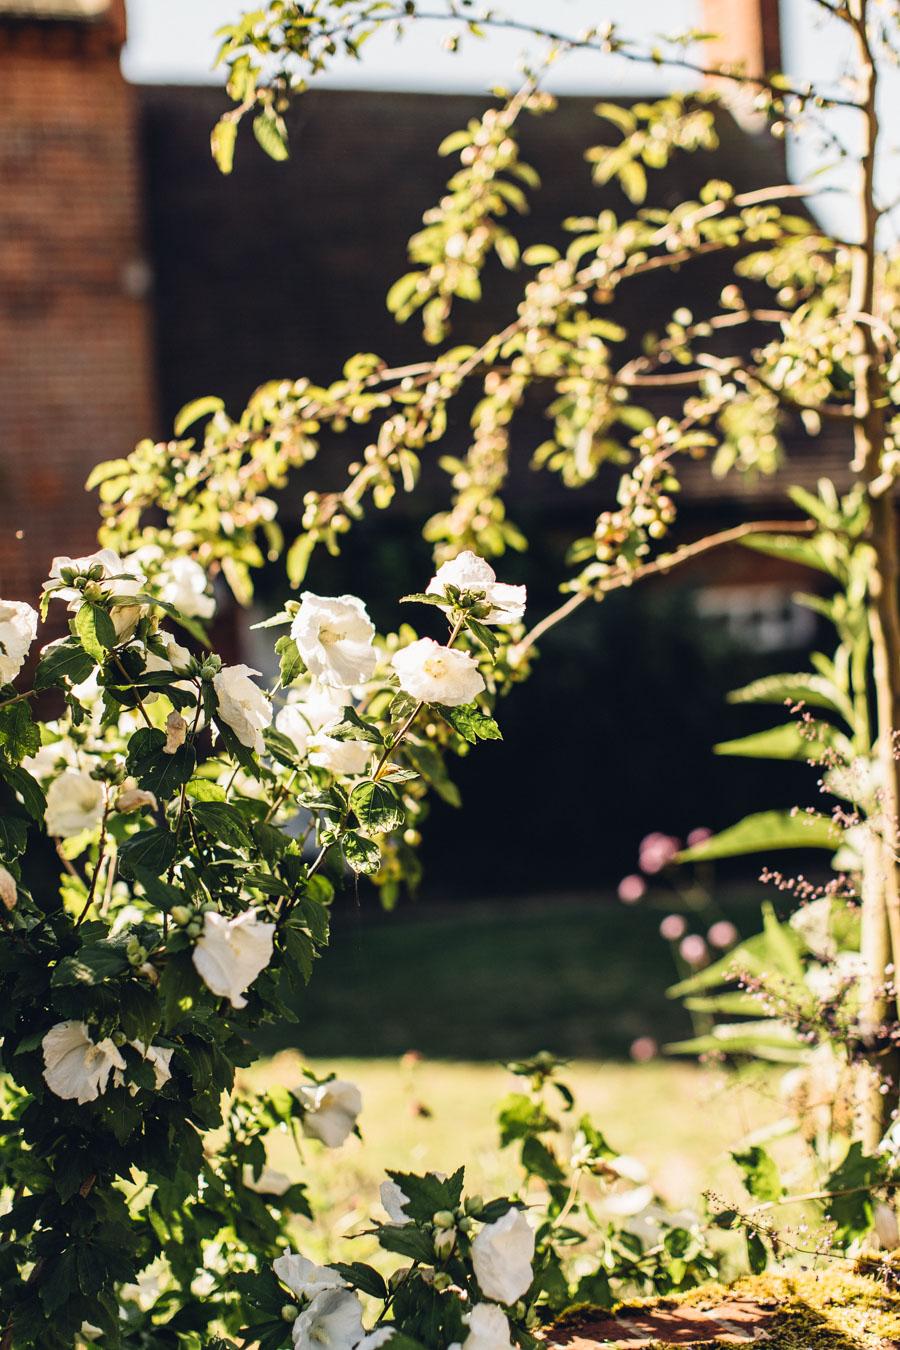 Sunny suffolk garden